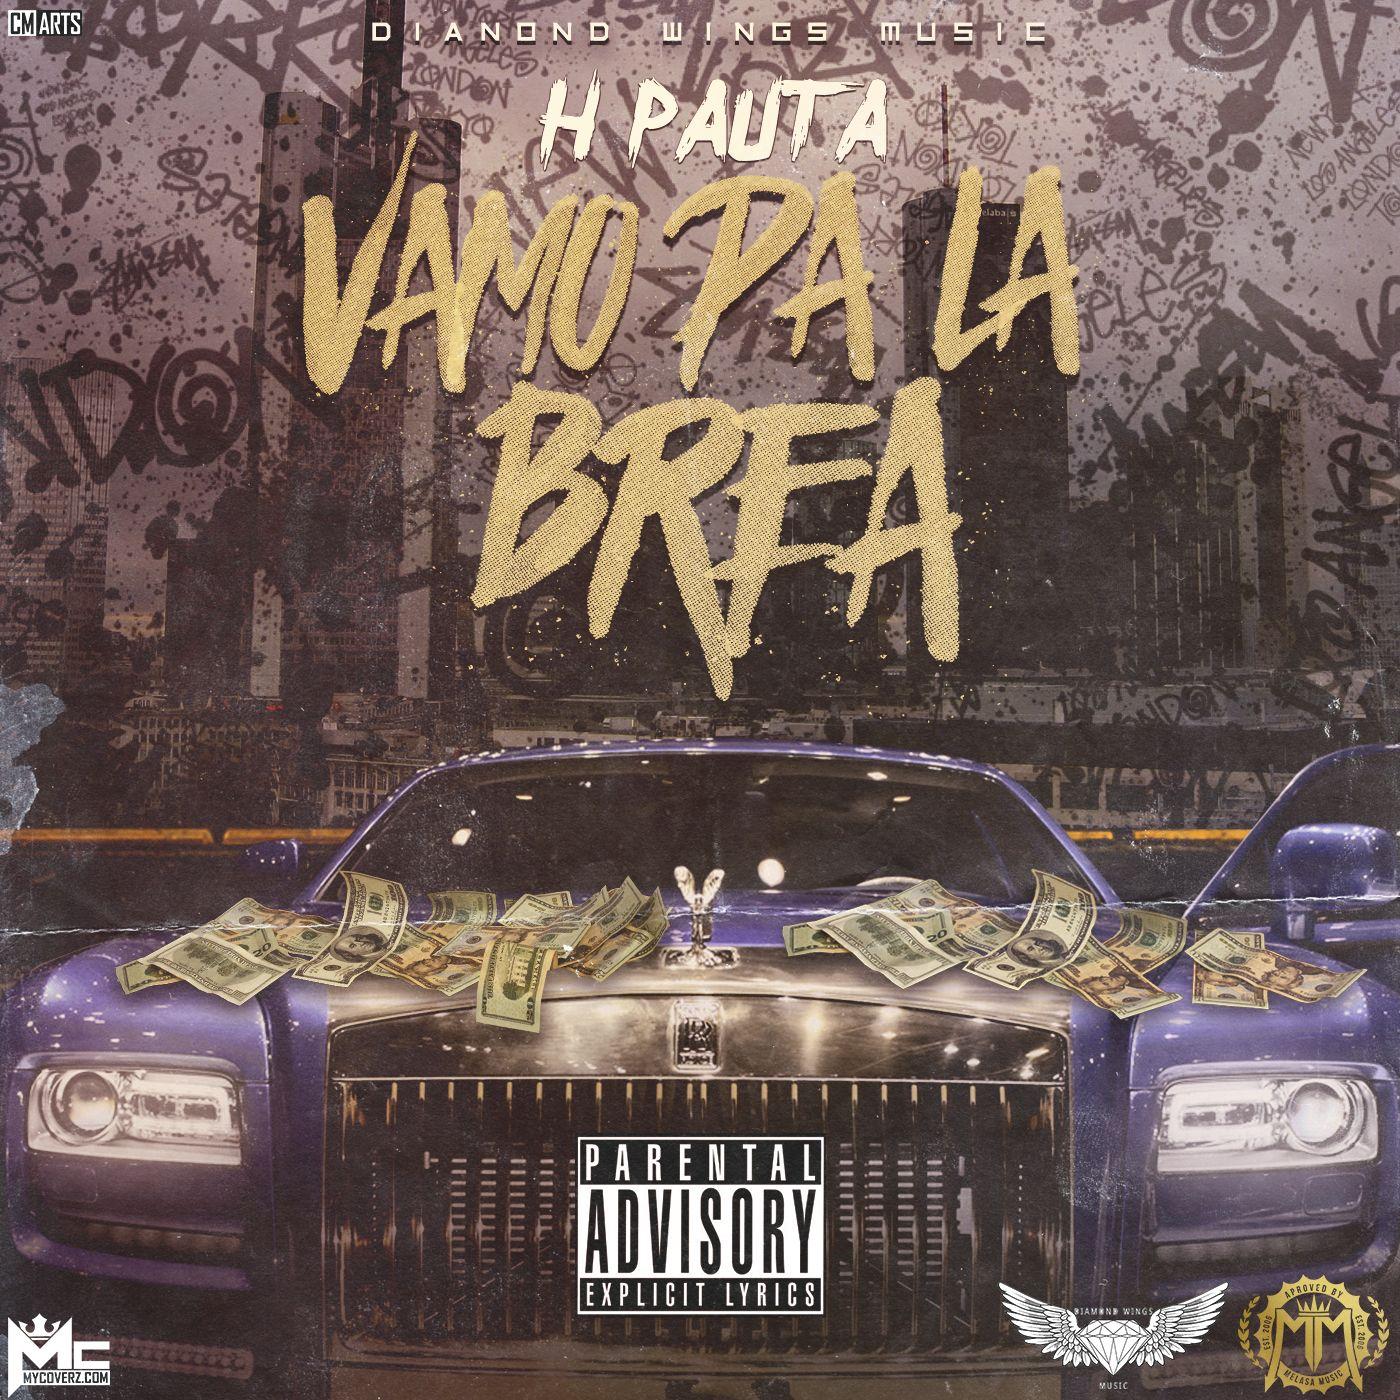 H Pauta Vamo Pa La Brea @MelasaMusic - H Pauta - Vamo Pa La Brea